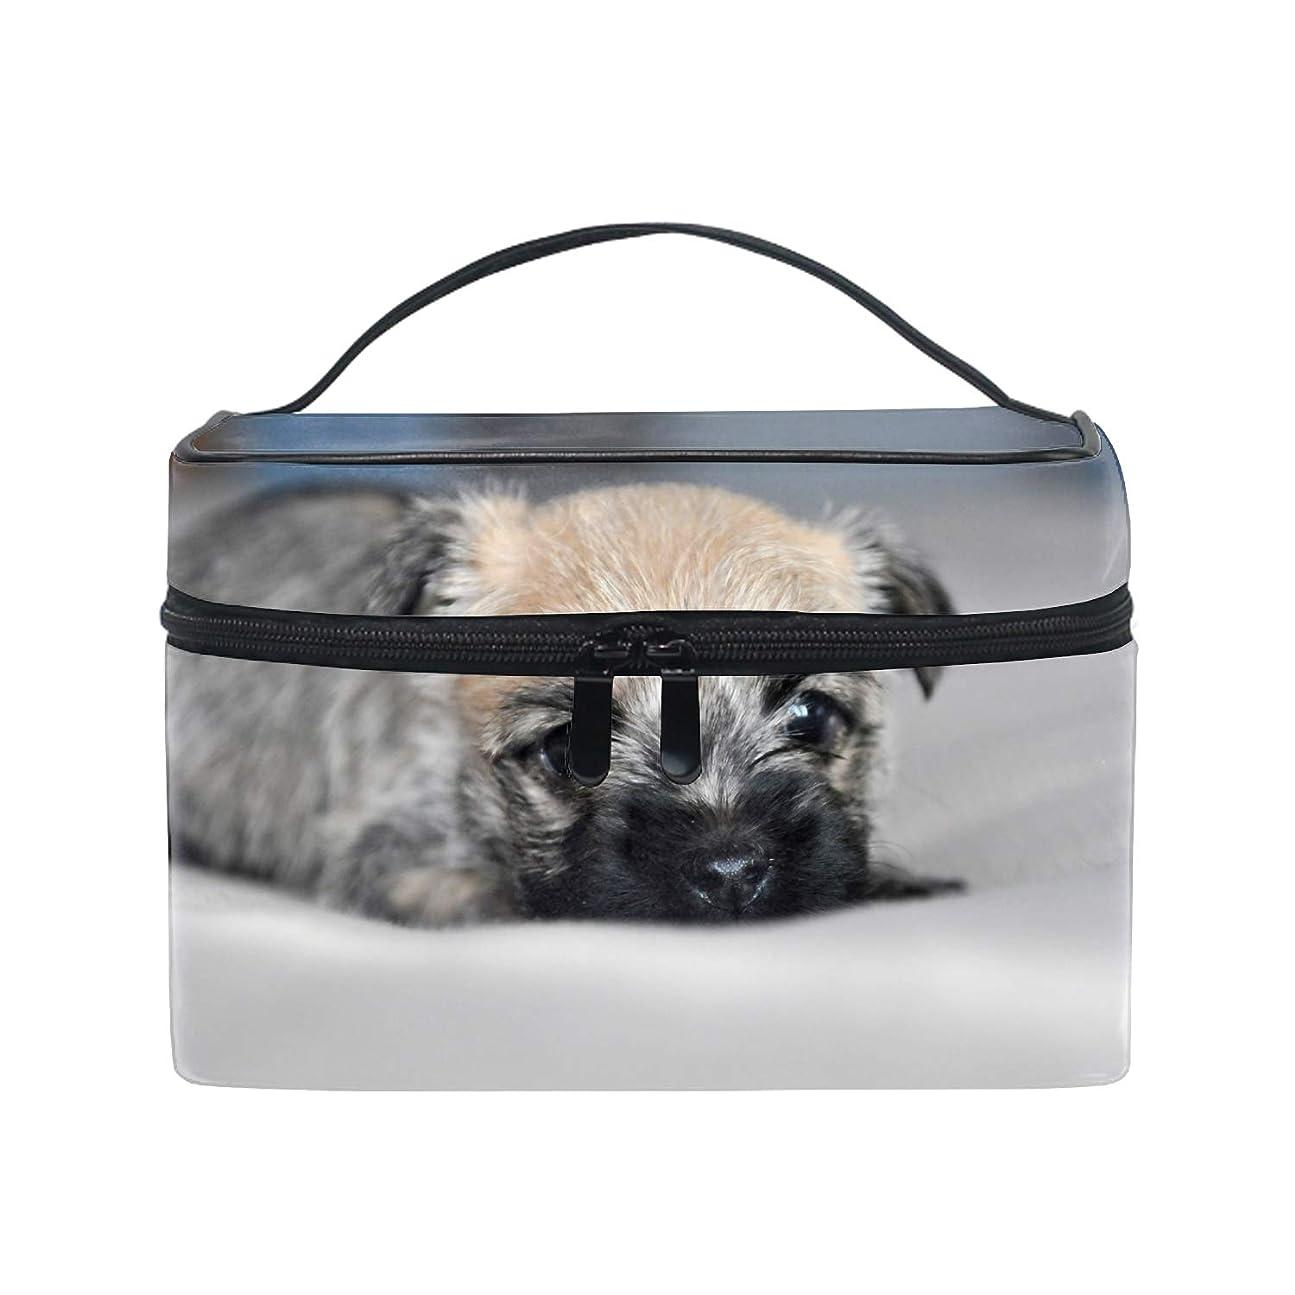 スペル契約する石ケアンテリア小型子犬犬スコットランドコスメ 化粧 ポーチ レディース 大容量 コンパクト 中身が見やすい 防水 シンプル 小物入れ 旅行